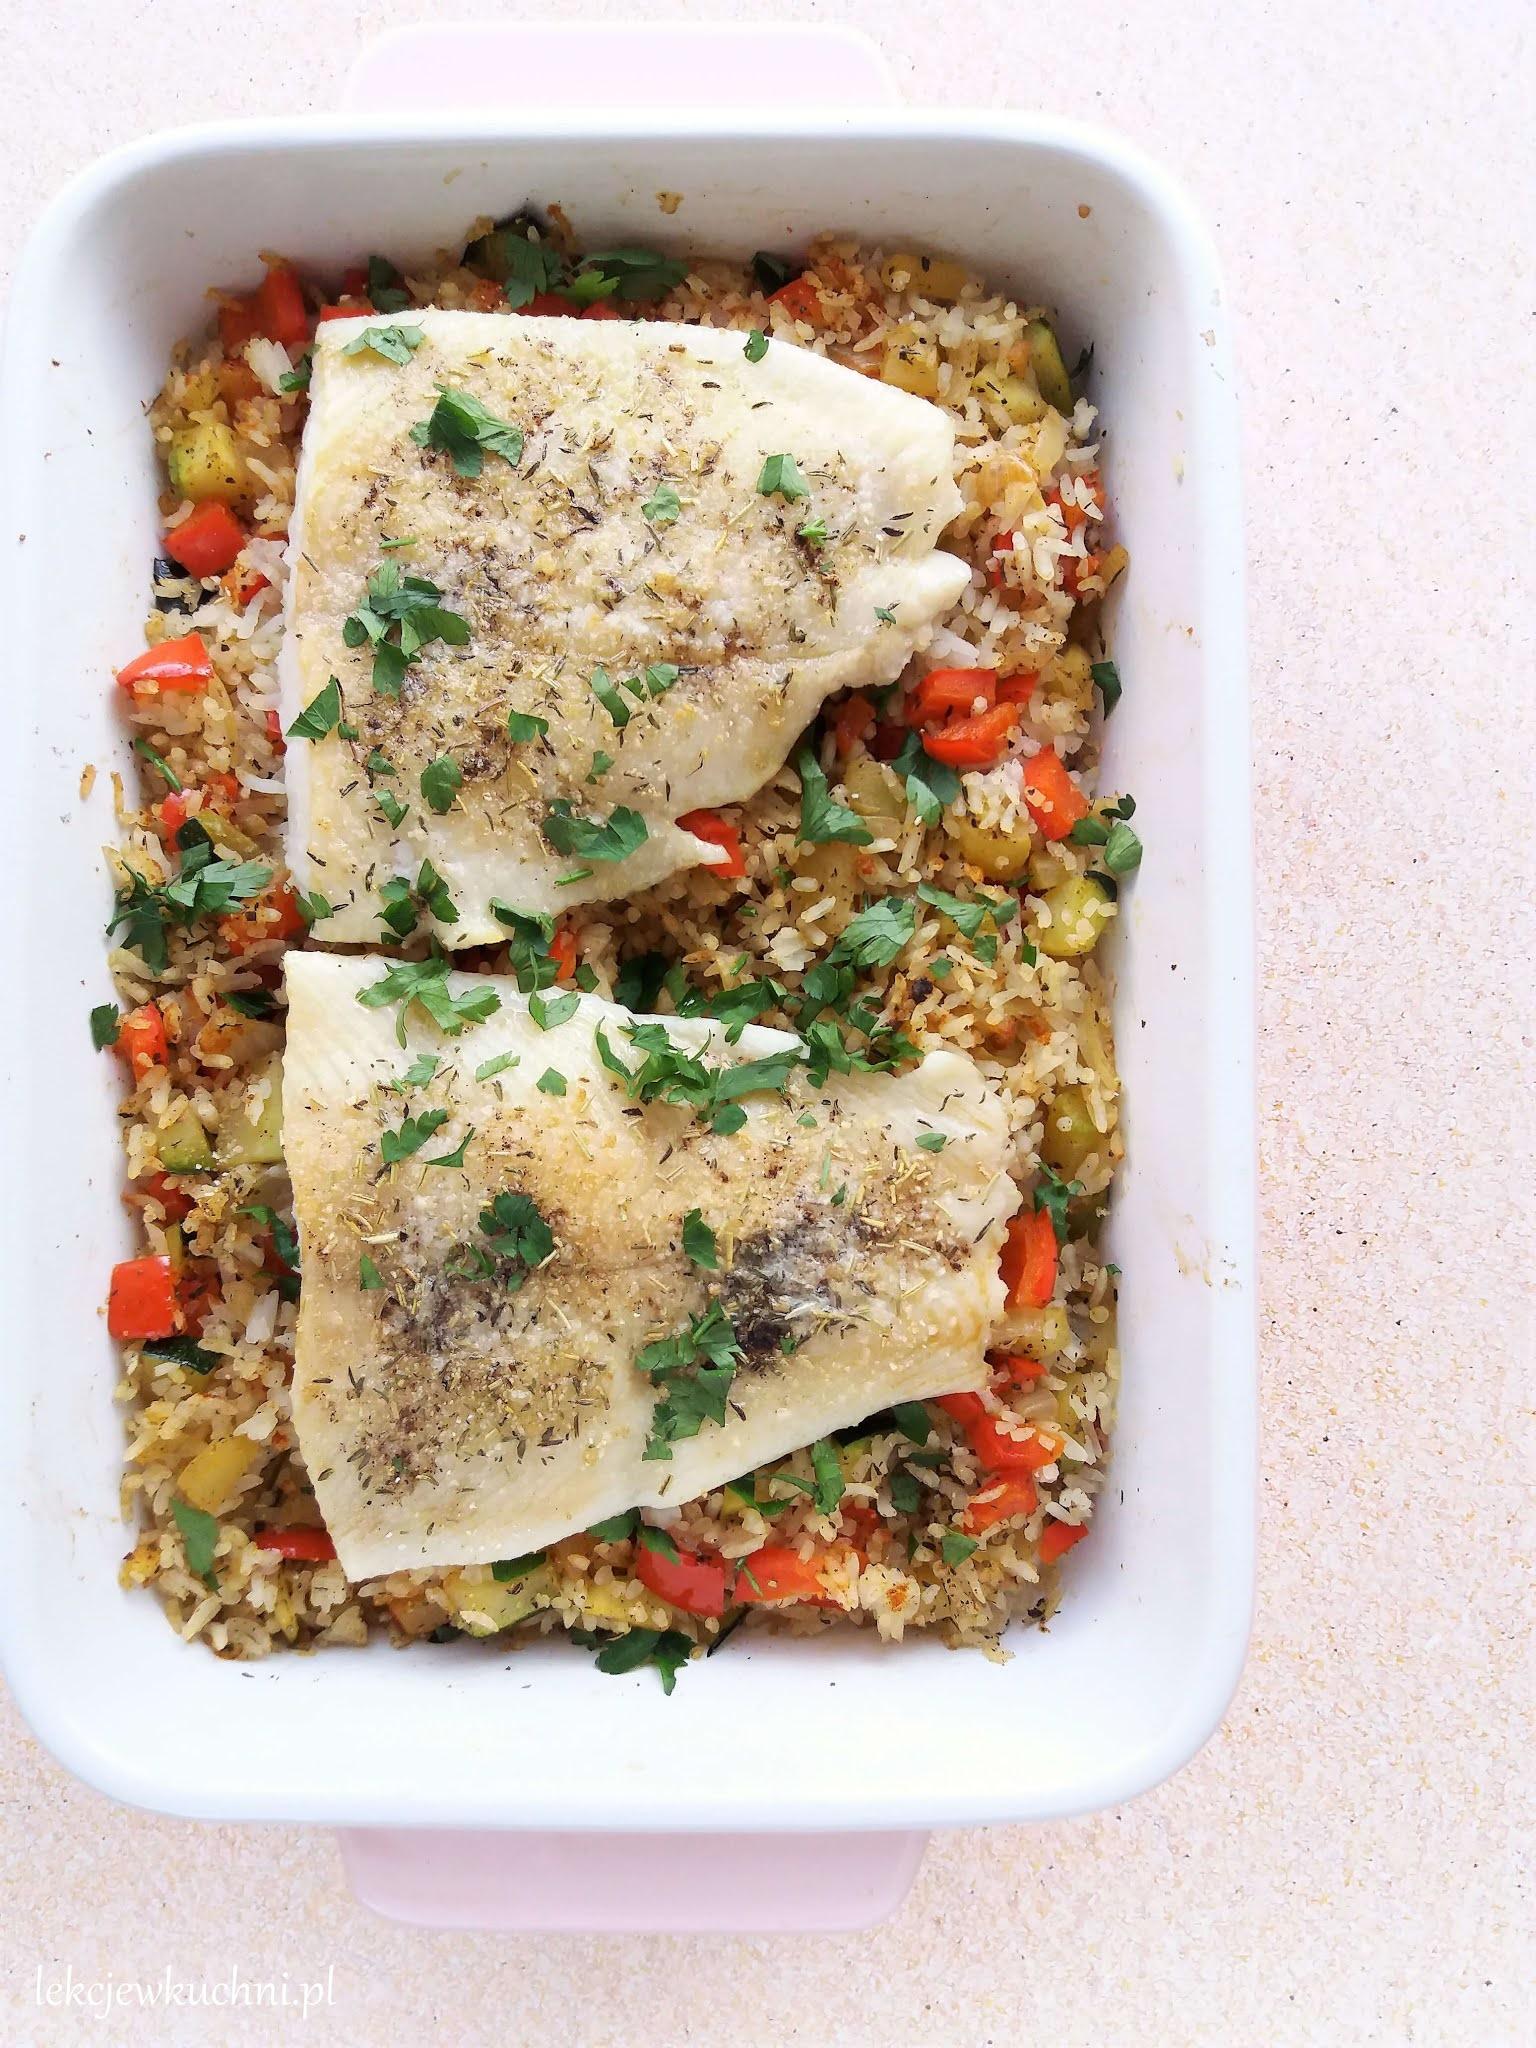 Ryba Z Piekarnika Z Warzywami I Ryżem Baked Fish With Rice And Vegetables Lekcje W Kuchni